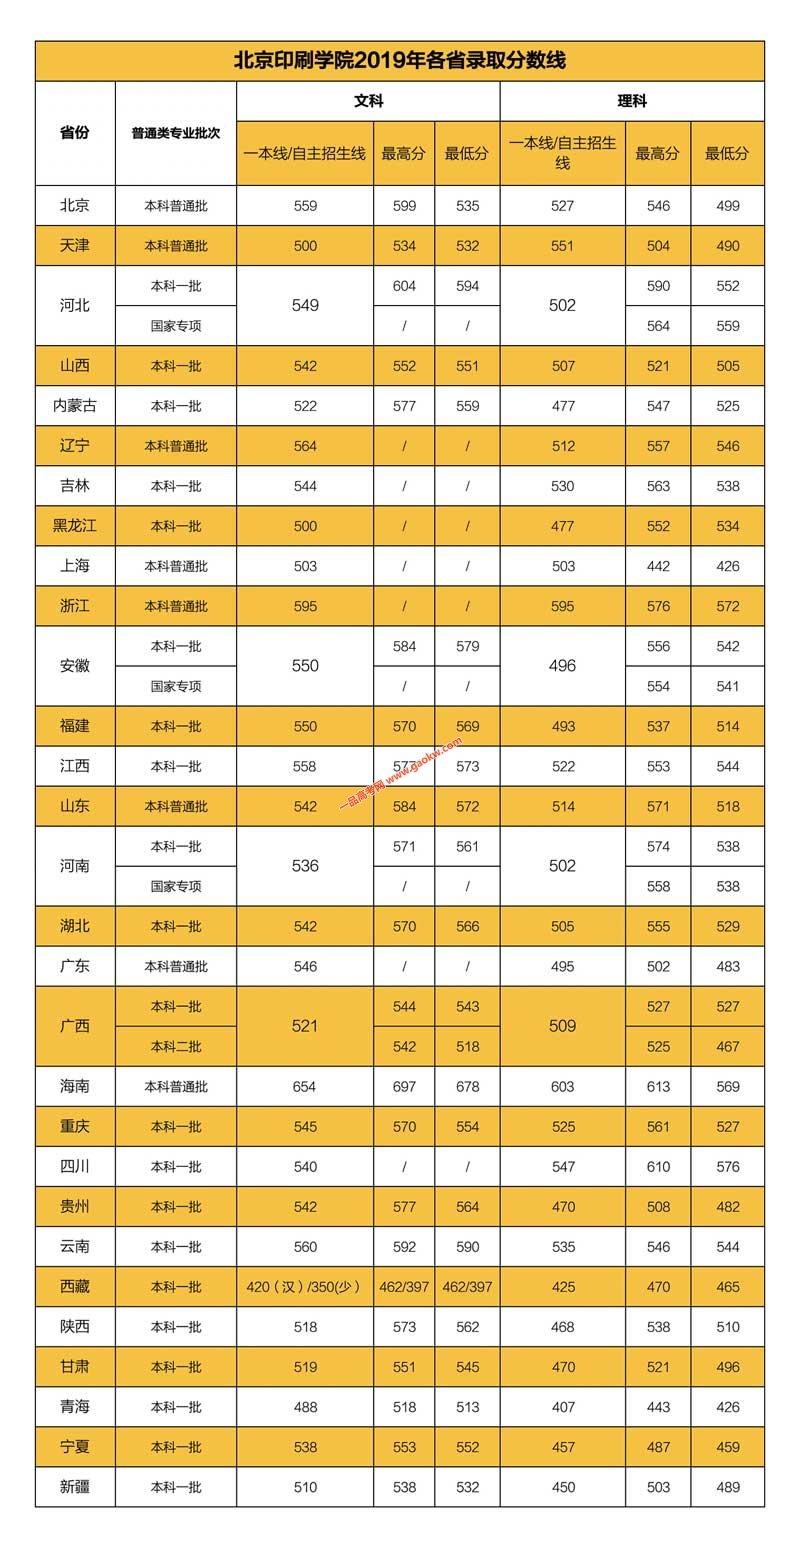 北京印刷学院2019年录取分数线